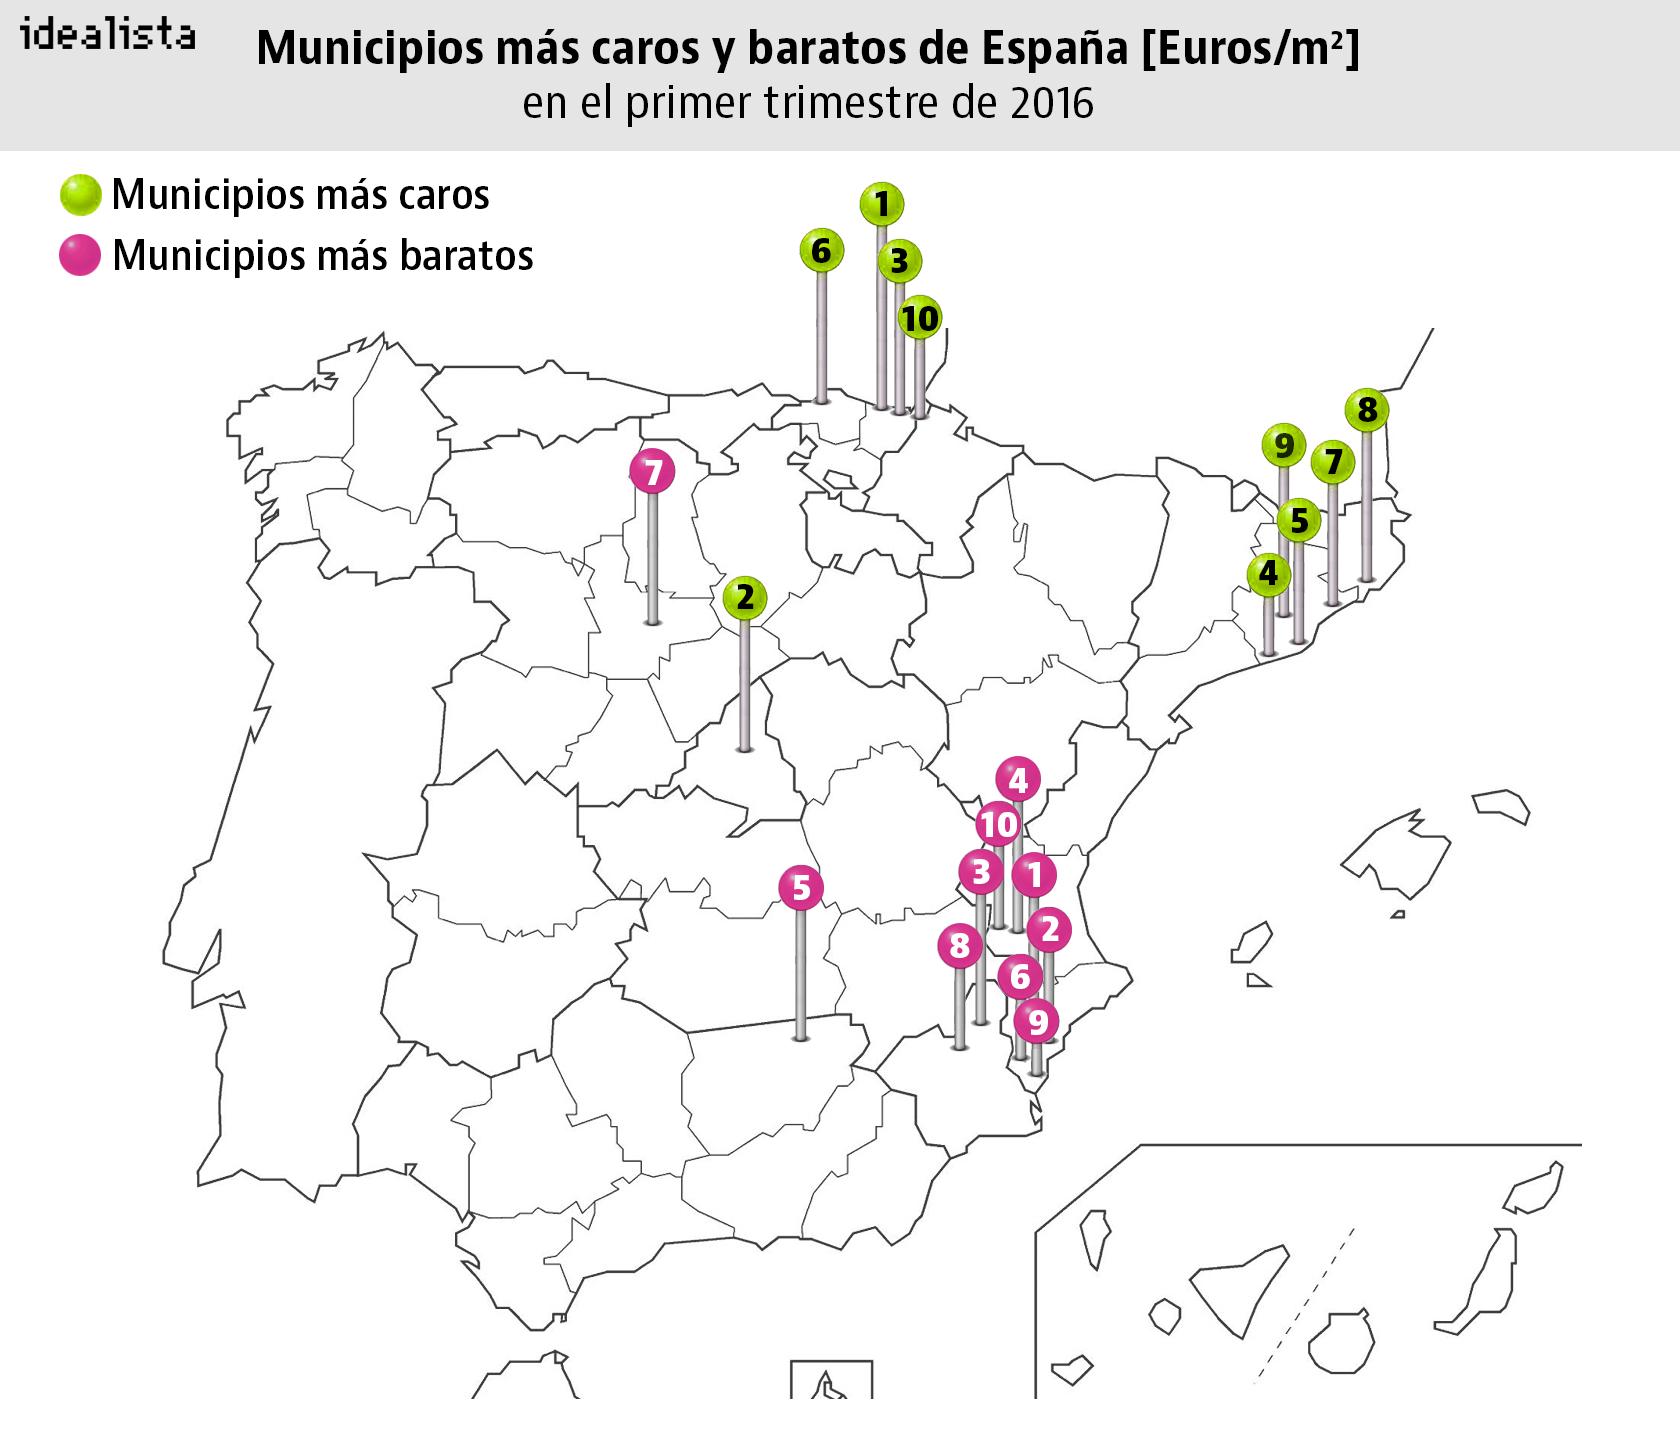 Zarautz, La Moraleja y San Sebastián: los mercados inmobiliarios más caros de España